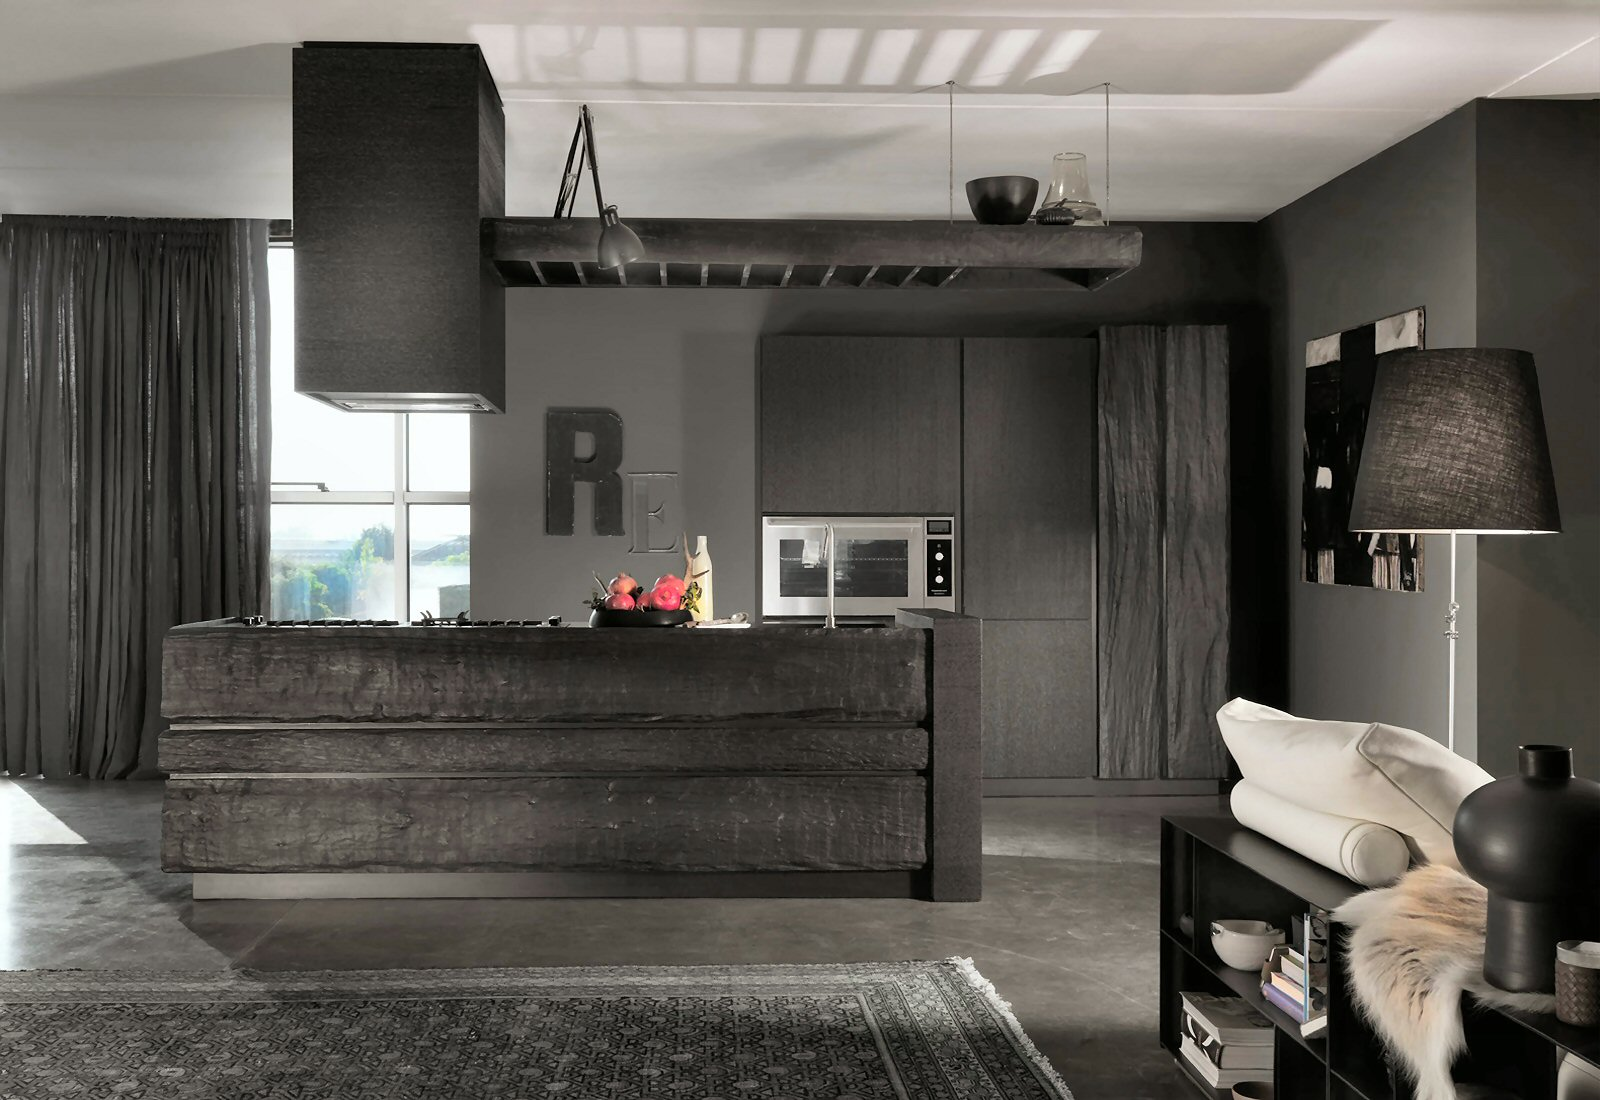 Cucina verde acqua : cucina rustica verde acqua. cucina verde ...